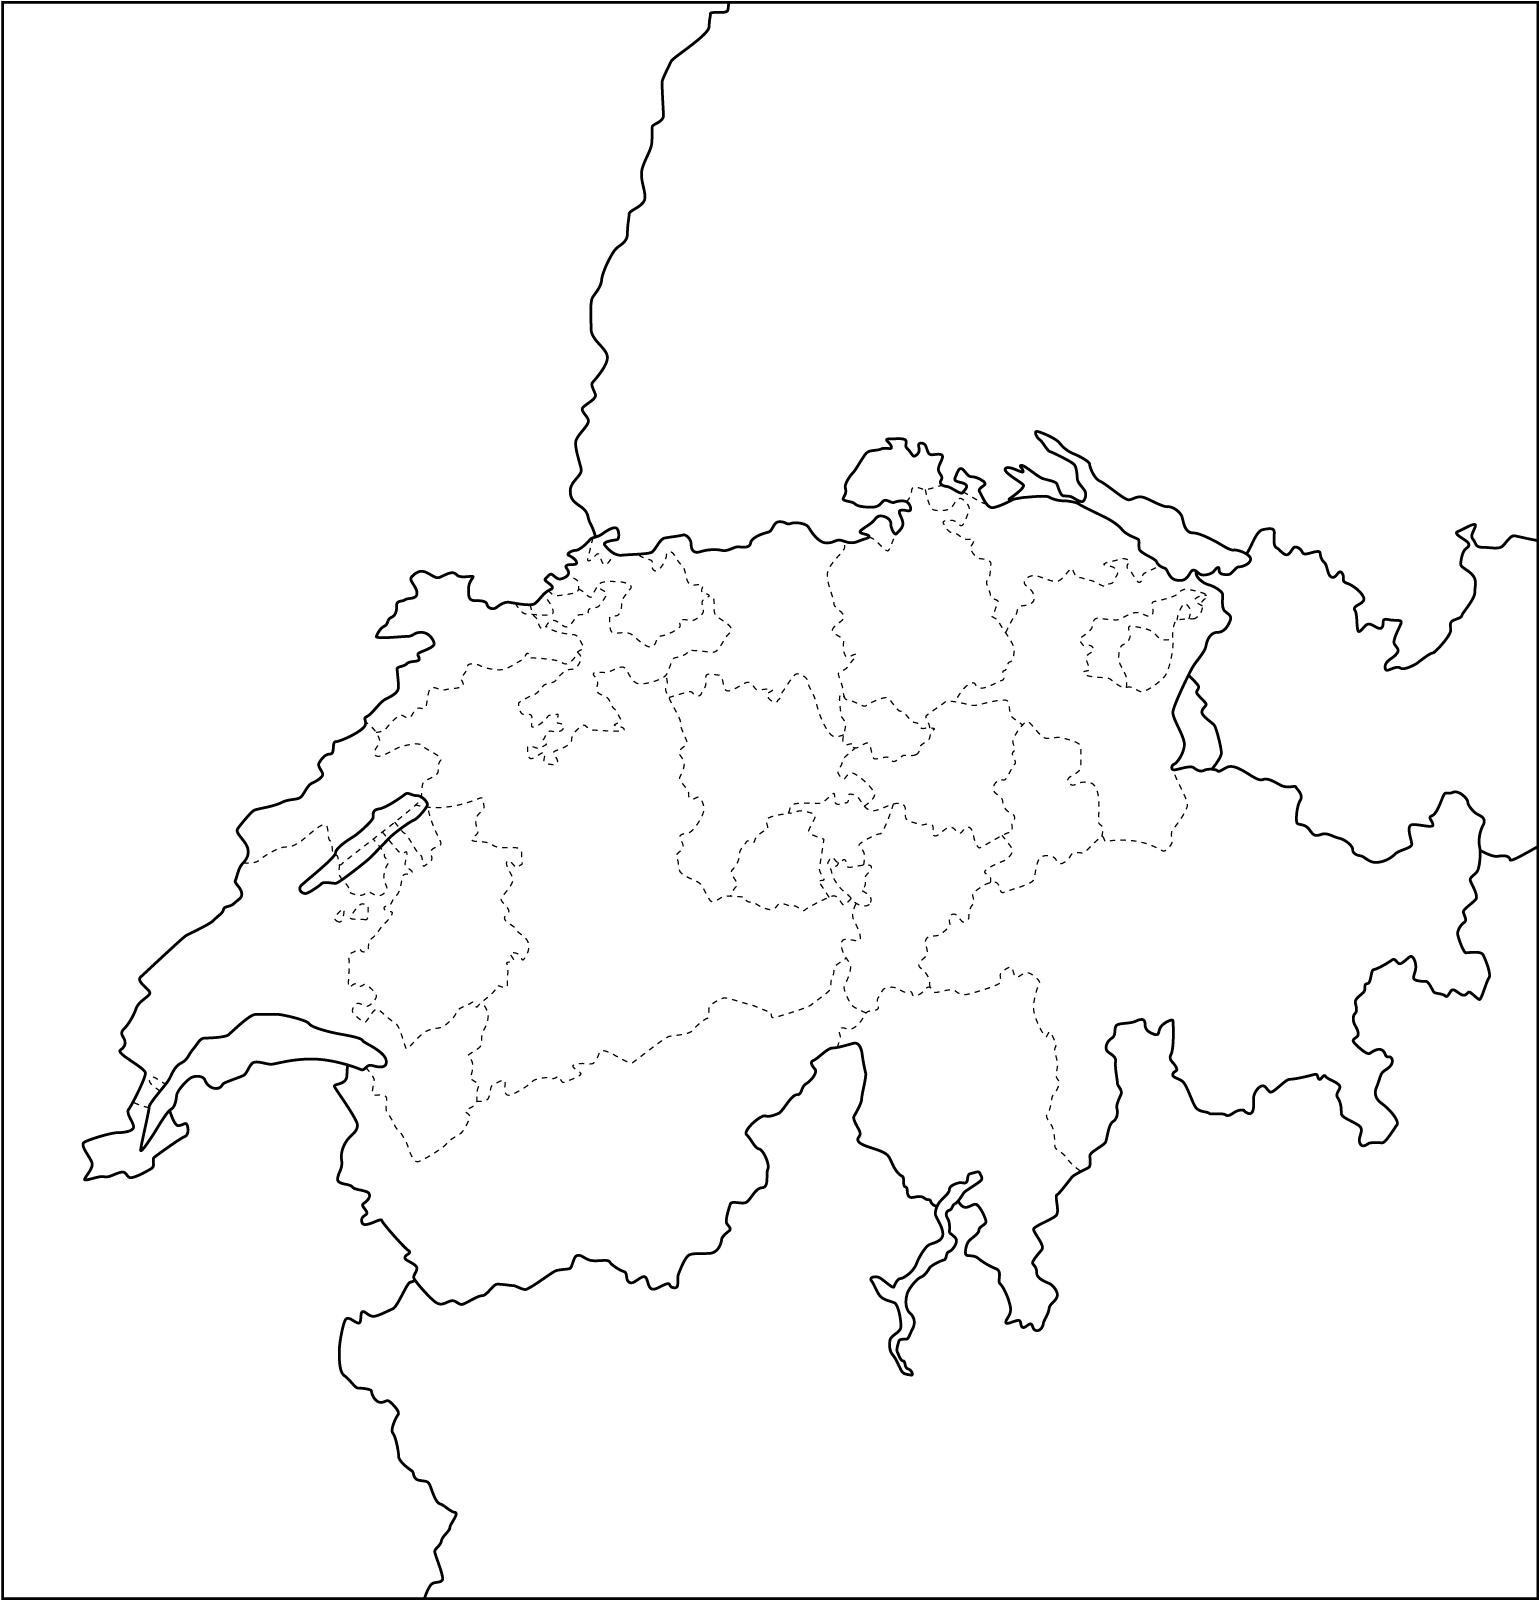 Mapa de cantones de Suiza. Freemap